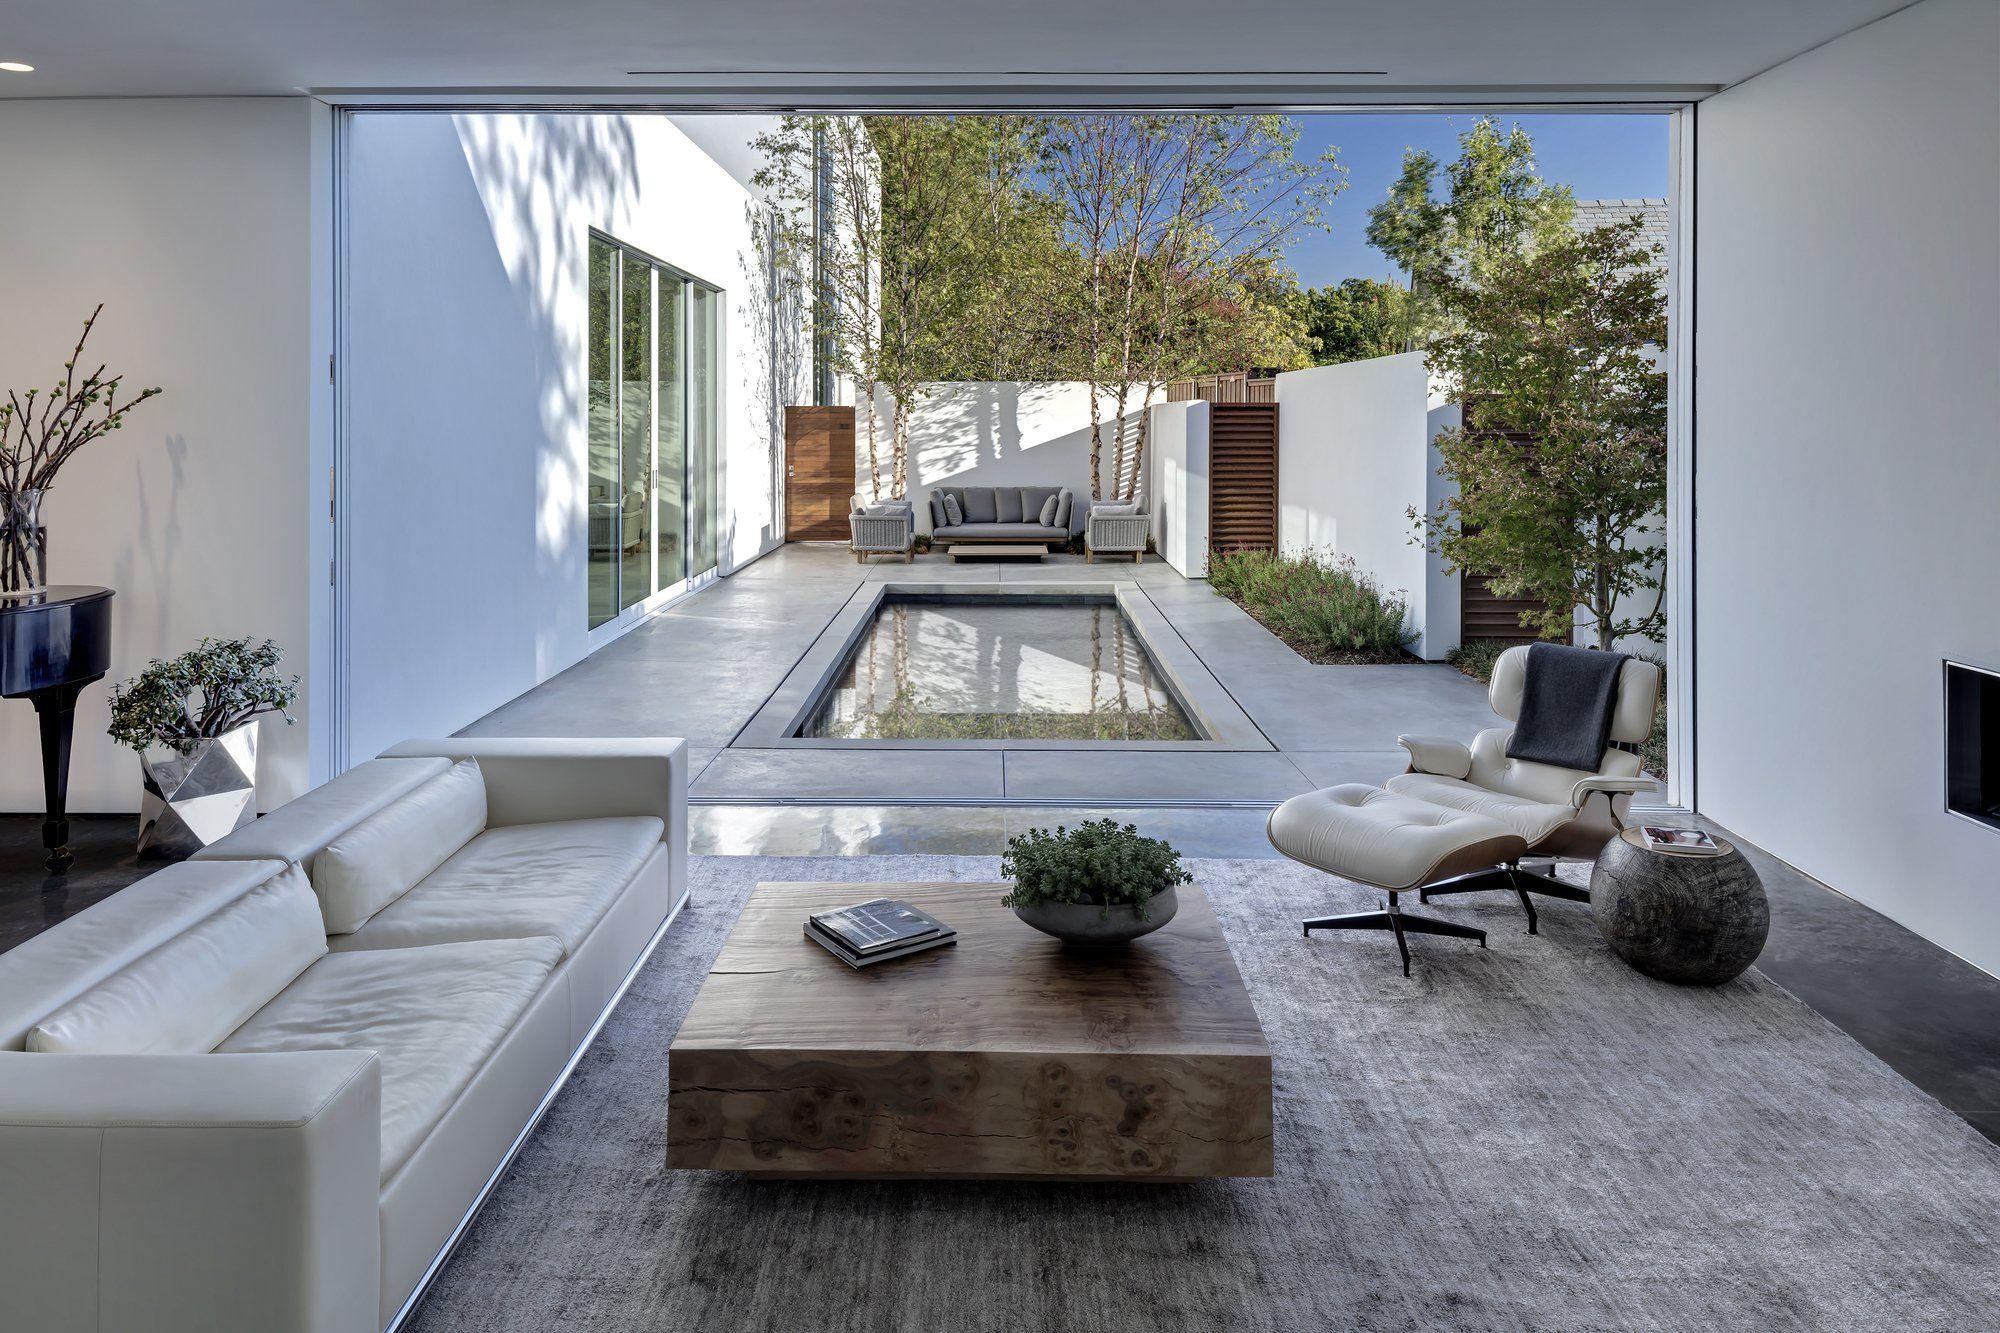 Beautiful Casa Di Luce Dallas By Morrison Dilworth + Walls